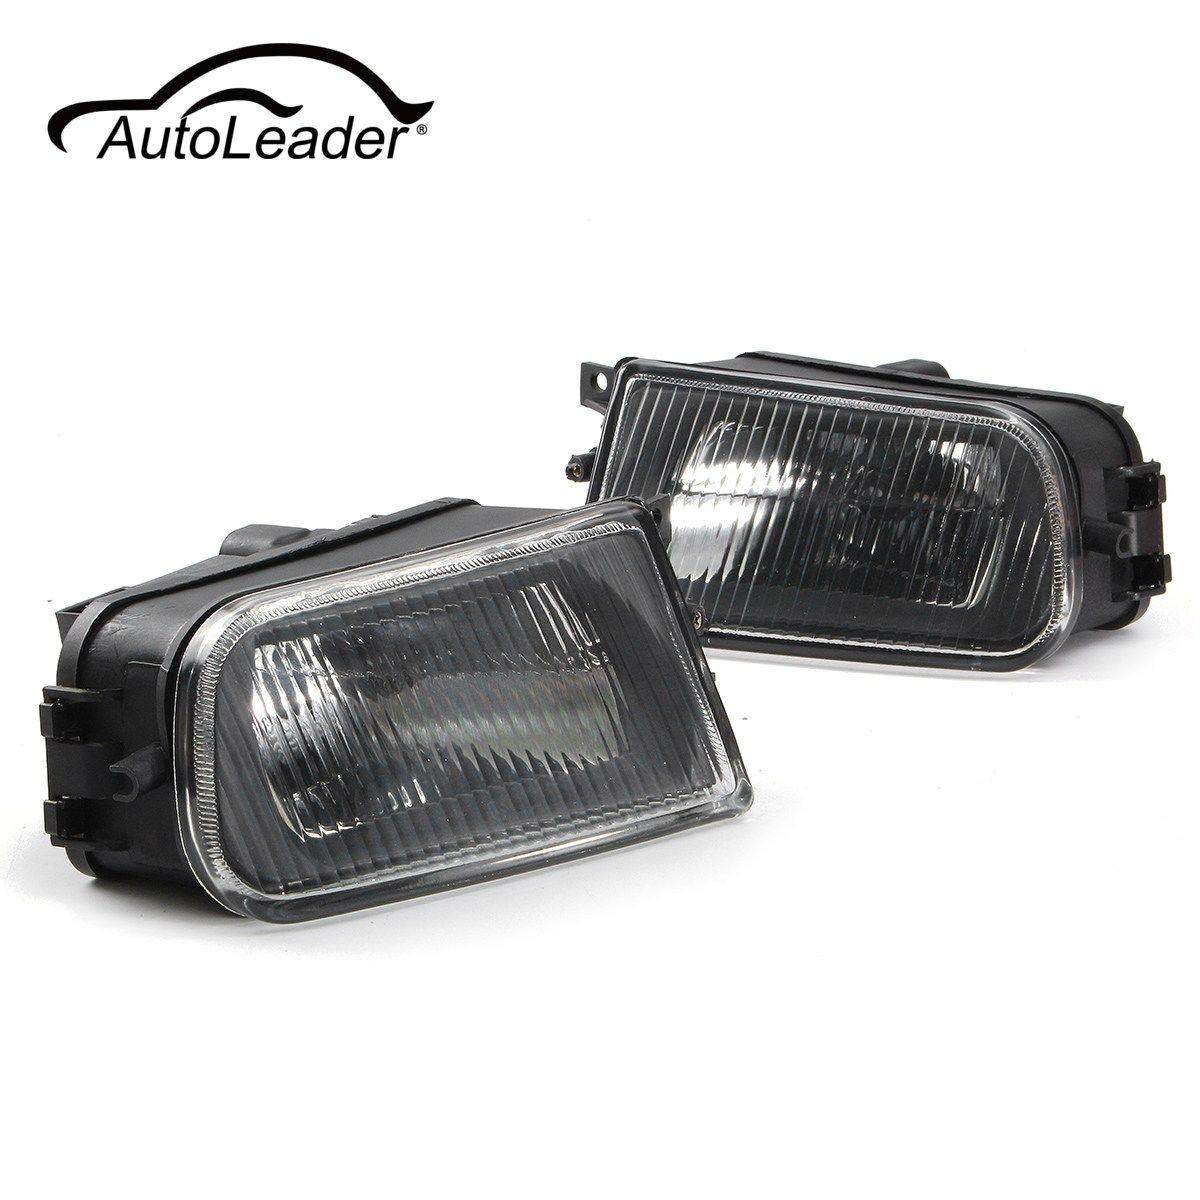 AutoLeader 1 Para Links/Rechts Schwarz Nebelscheinwerfer Stoßstange Lampe Gehäuse für BMW E39 5er 97-00/Z3 97-01 63178360575 63178381977